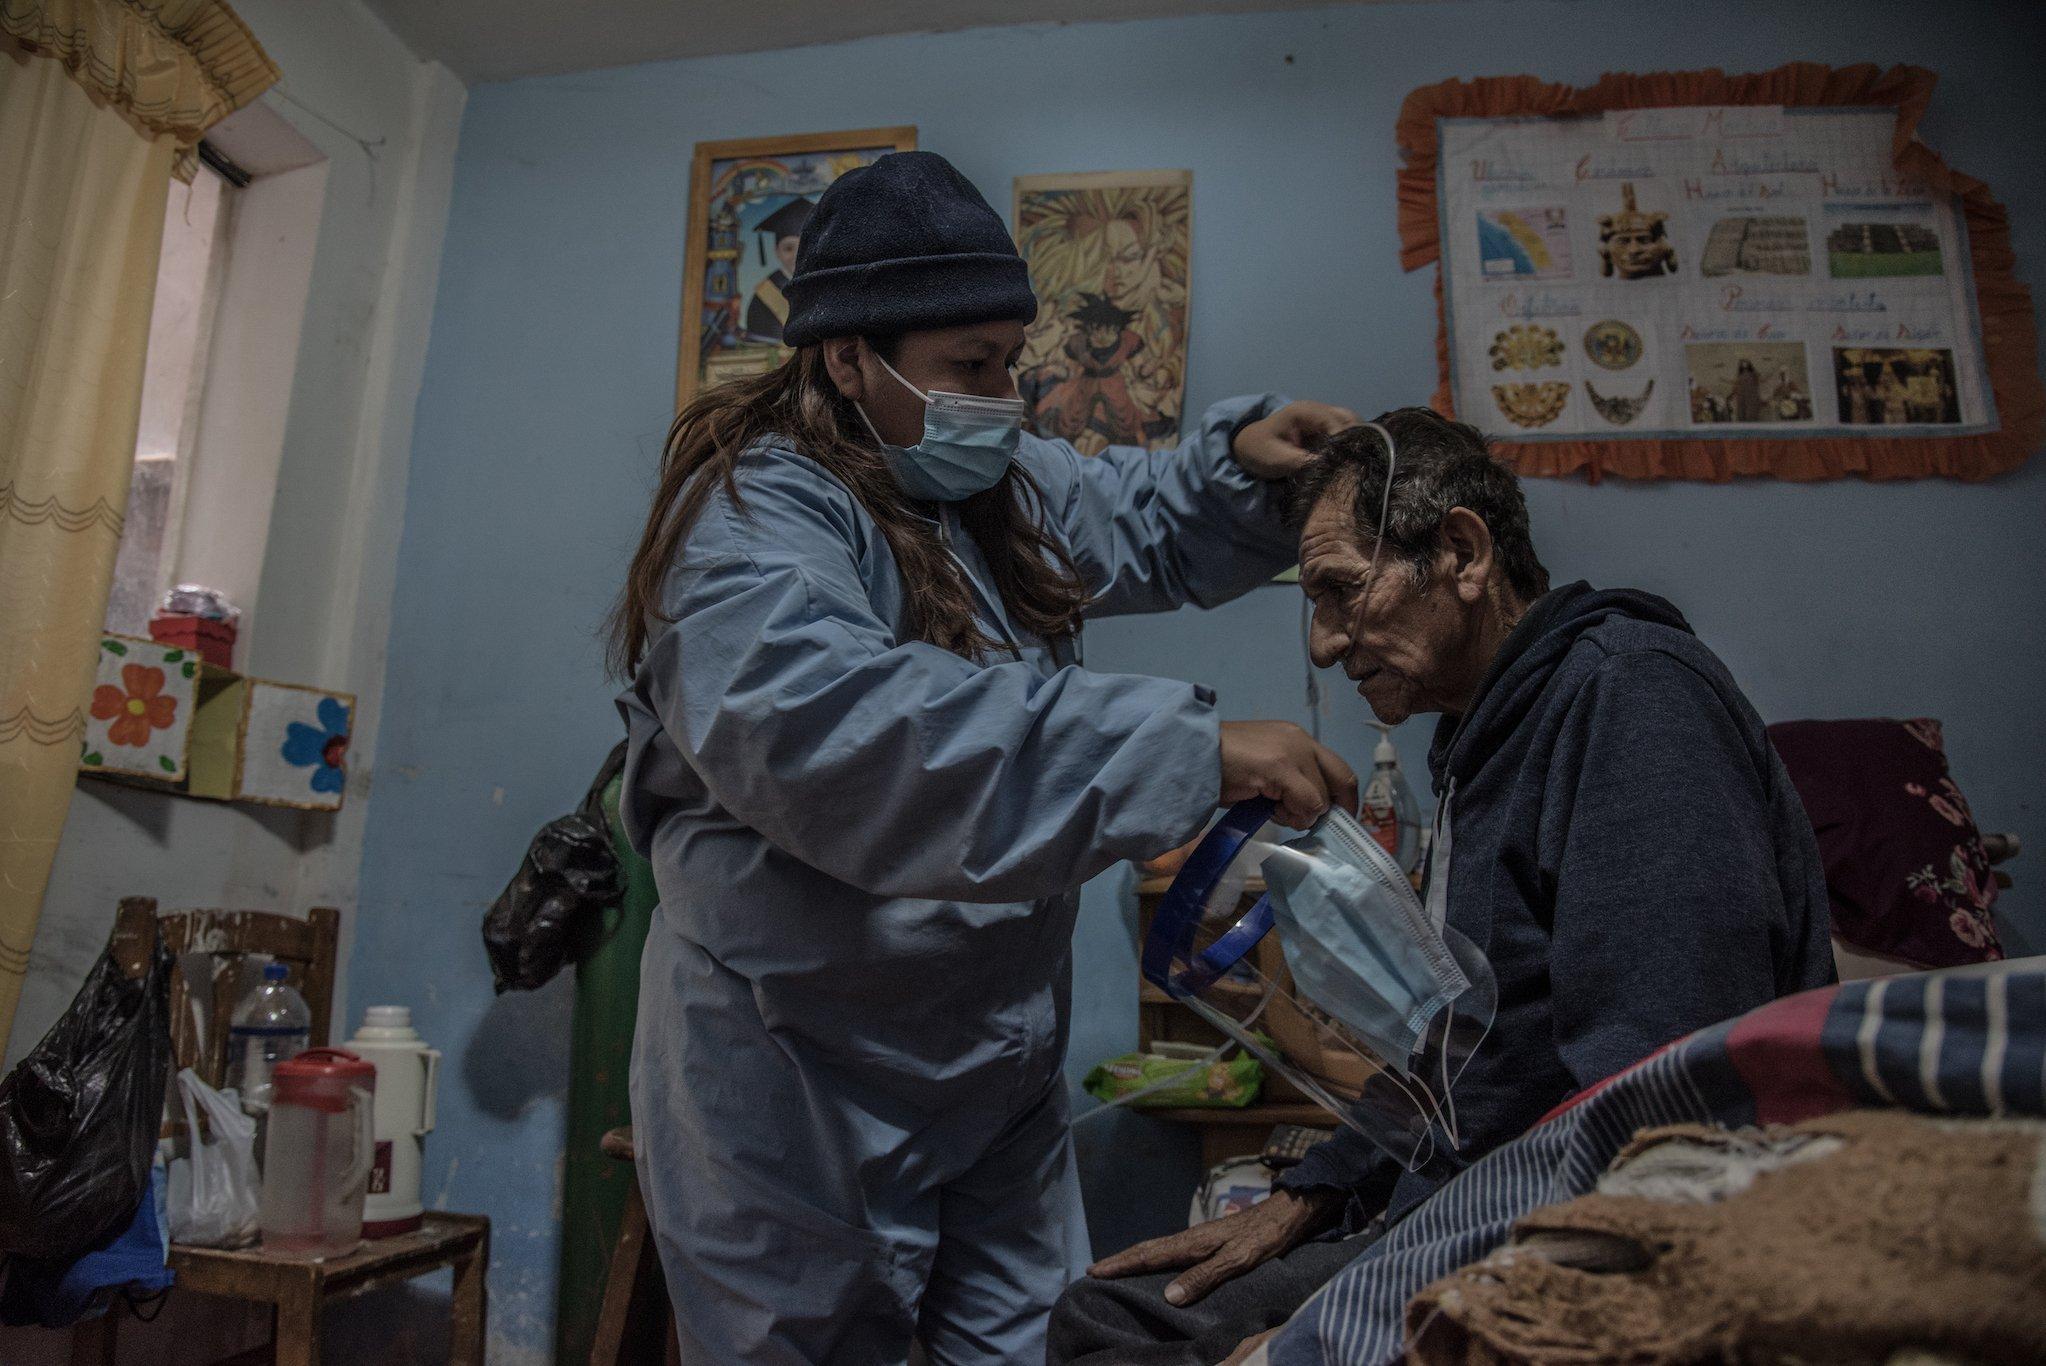 Eine Frau mit langen Haaren unter einer Mütze, in einem blauen Ganzkörperanzug aus Plastik und mit Mundschutz hilft einem älteren Mann. Sie nimmt dafür seinen Mundschutz und das transparente Visier ab. Der Mann sitzt in seinem Schlafzimmer auf dem Bett. Hinter der Frau ist die grüne Gasflasche zu sehen, die fast so groß wie sie ist.